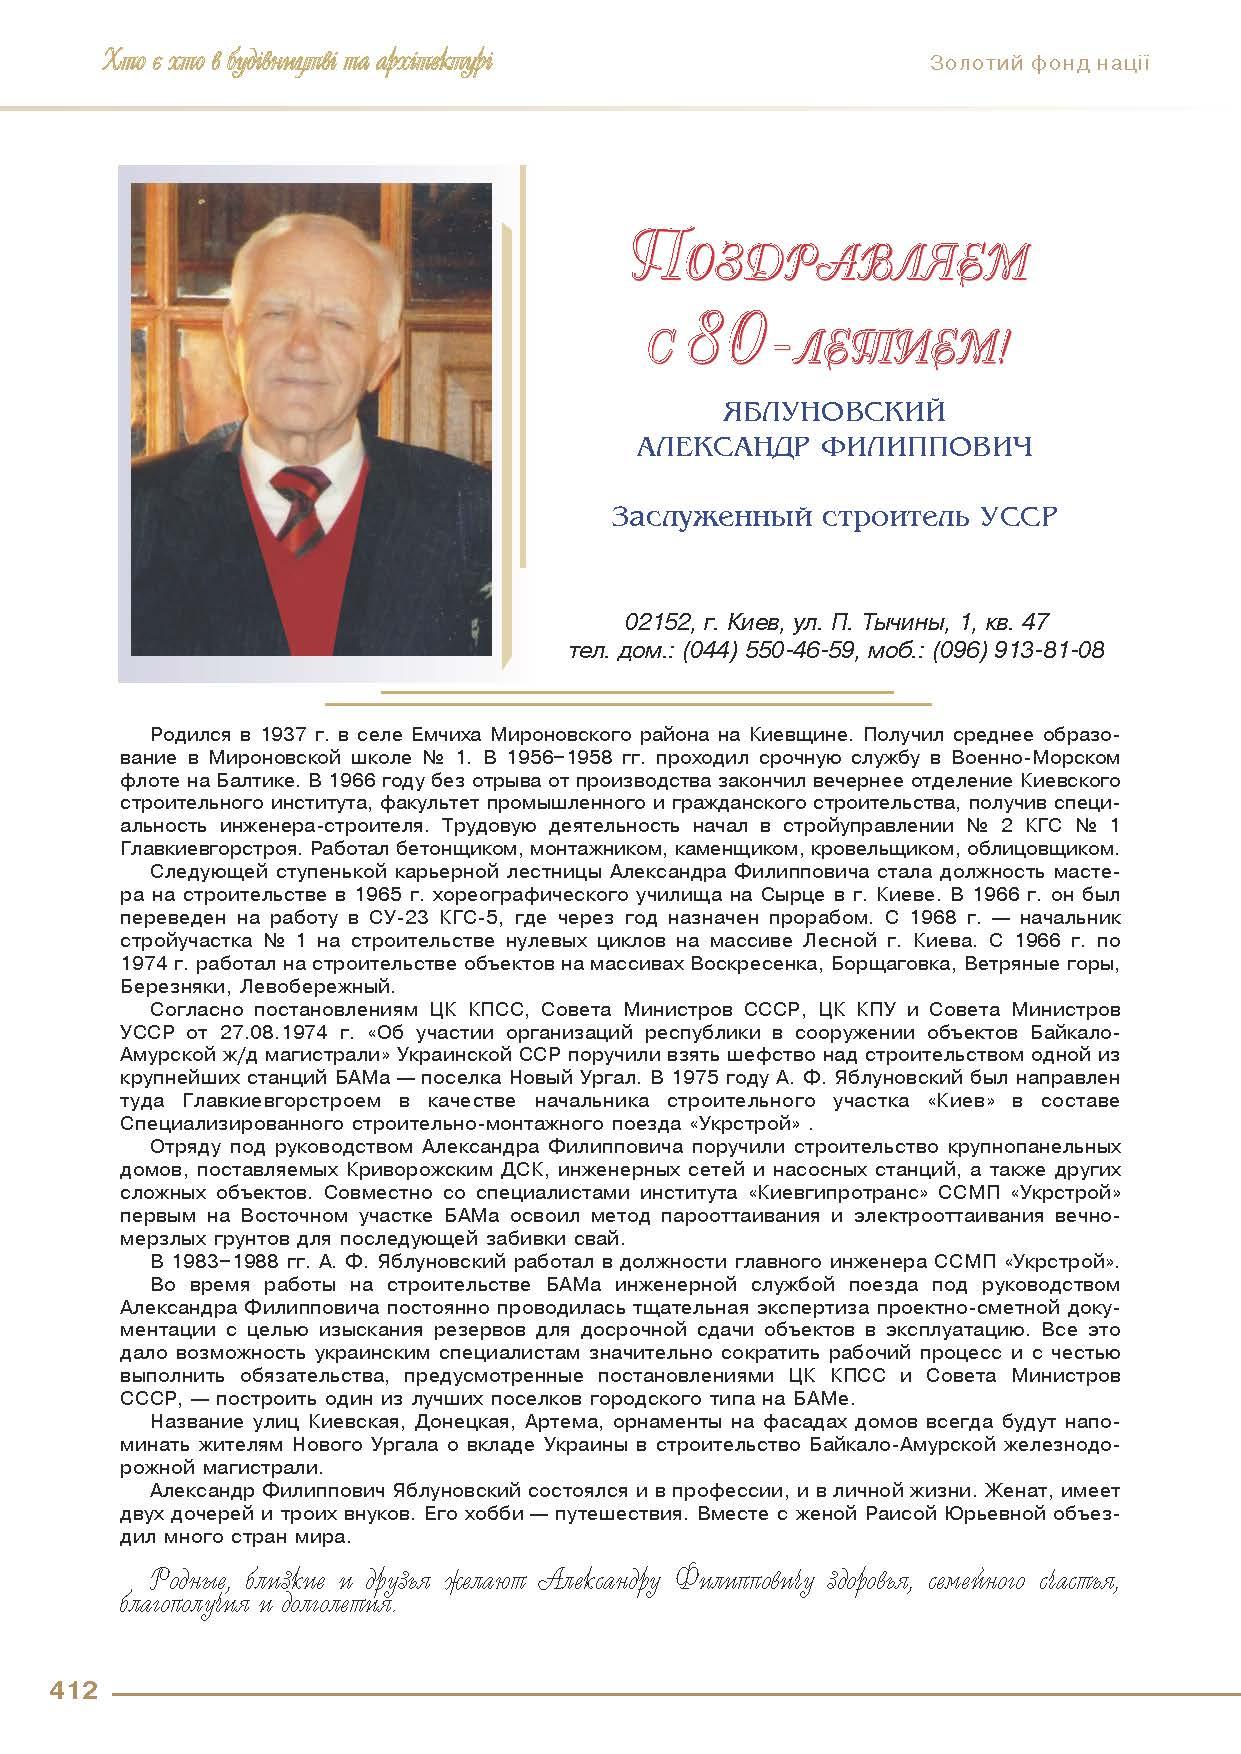 Яблуновский Александр Филиппович